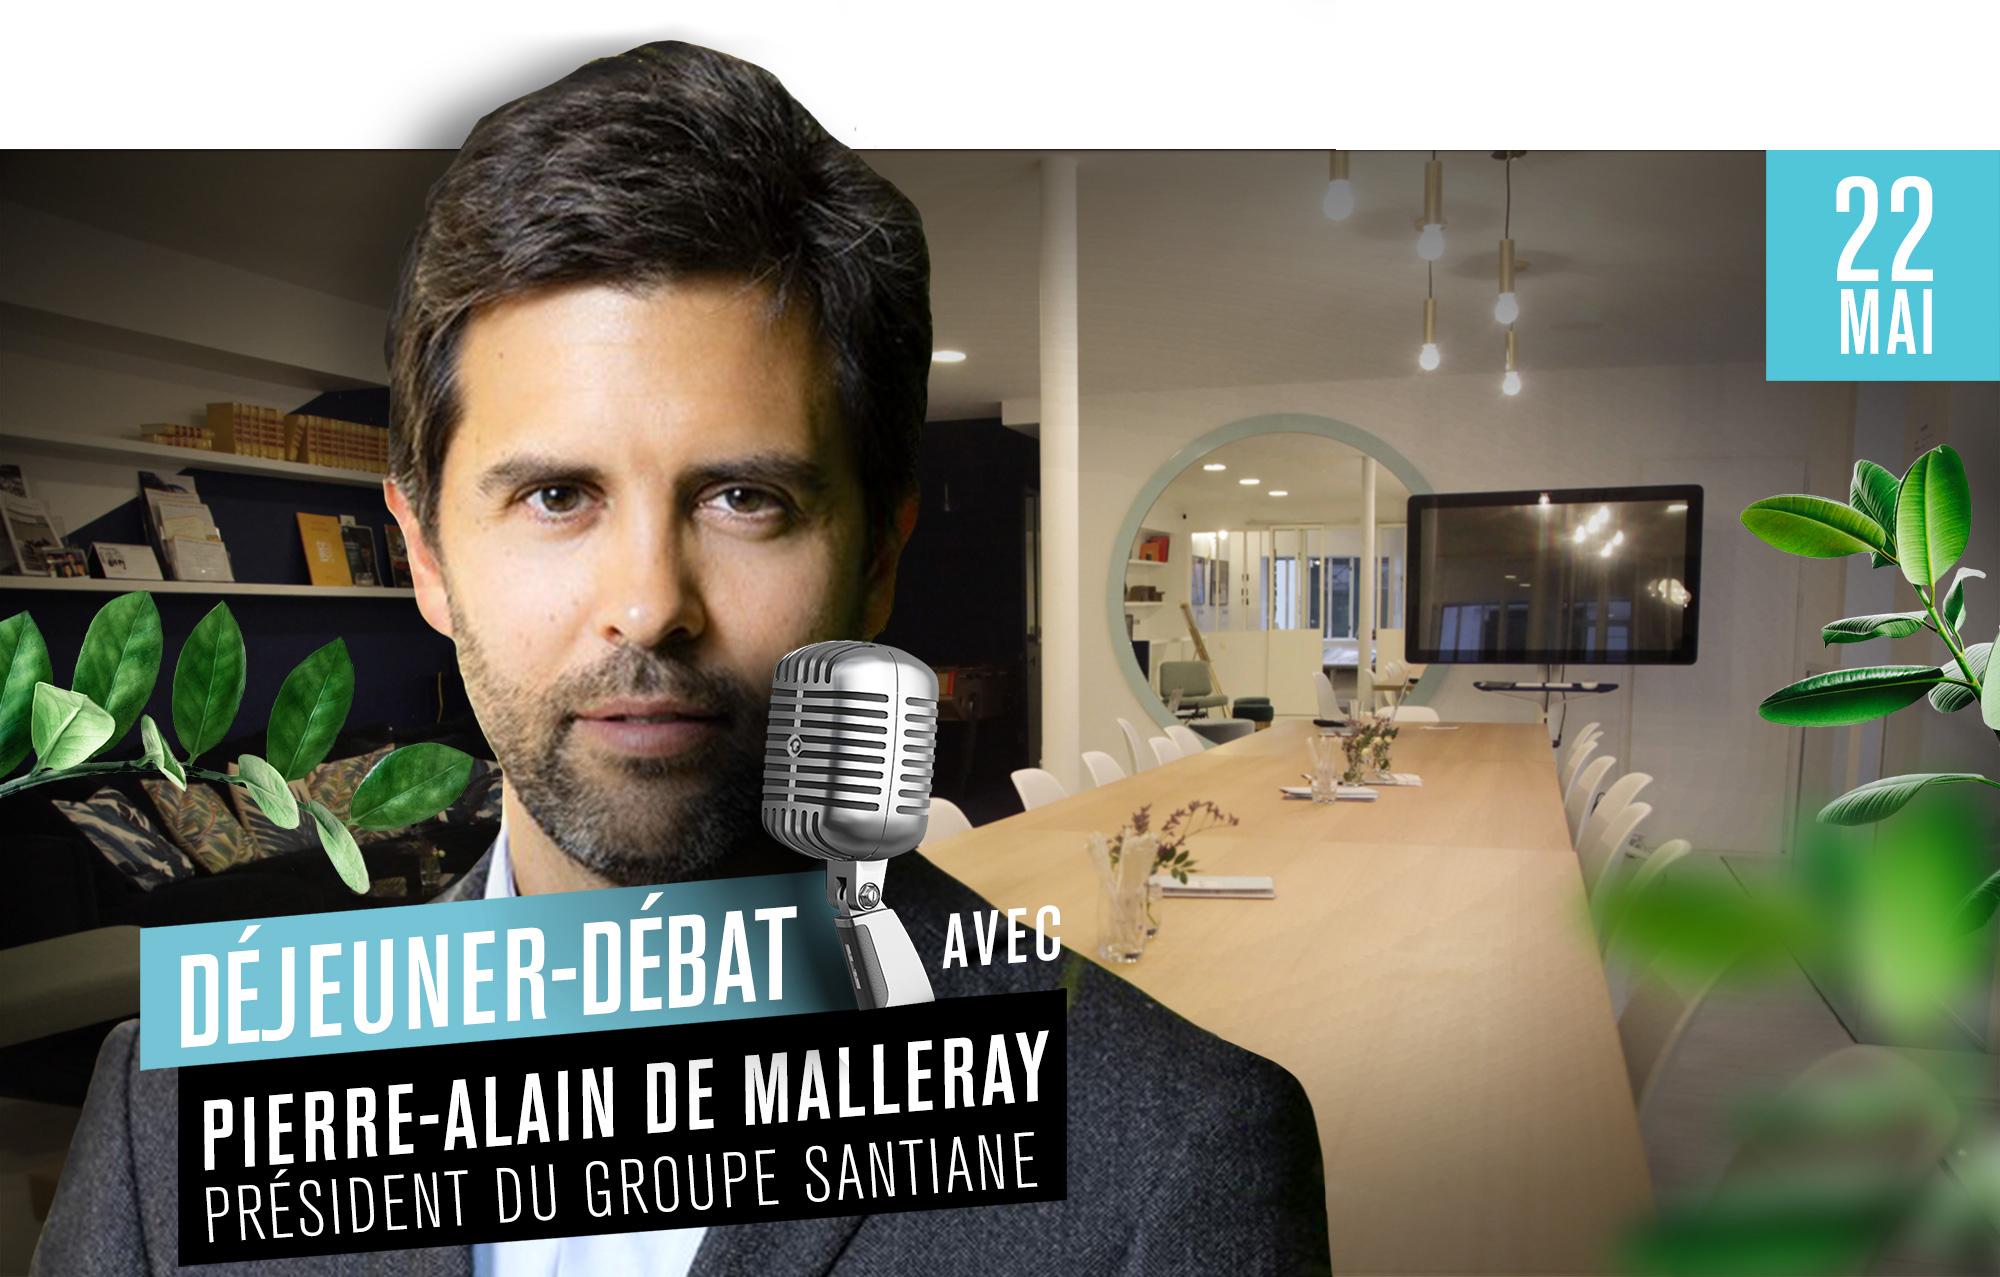 Déjeuner Débat avec Pierre-Alain de Malleray, président du groupe Santiane